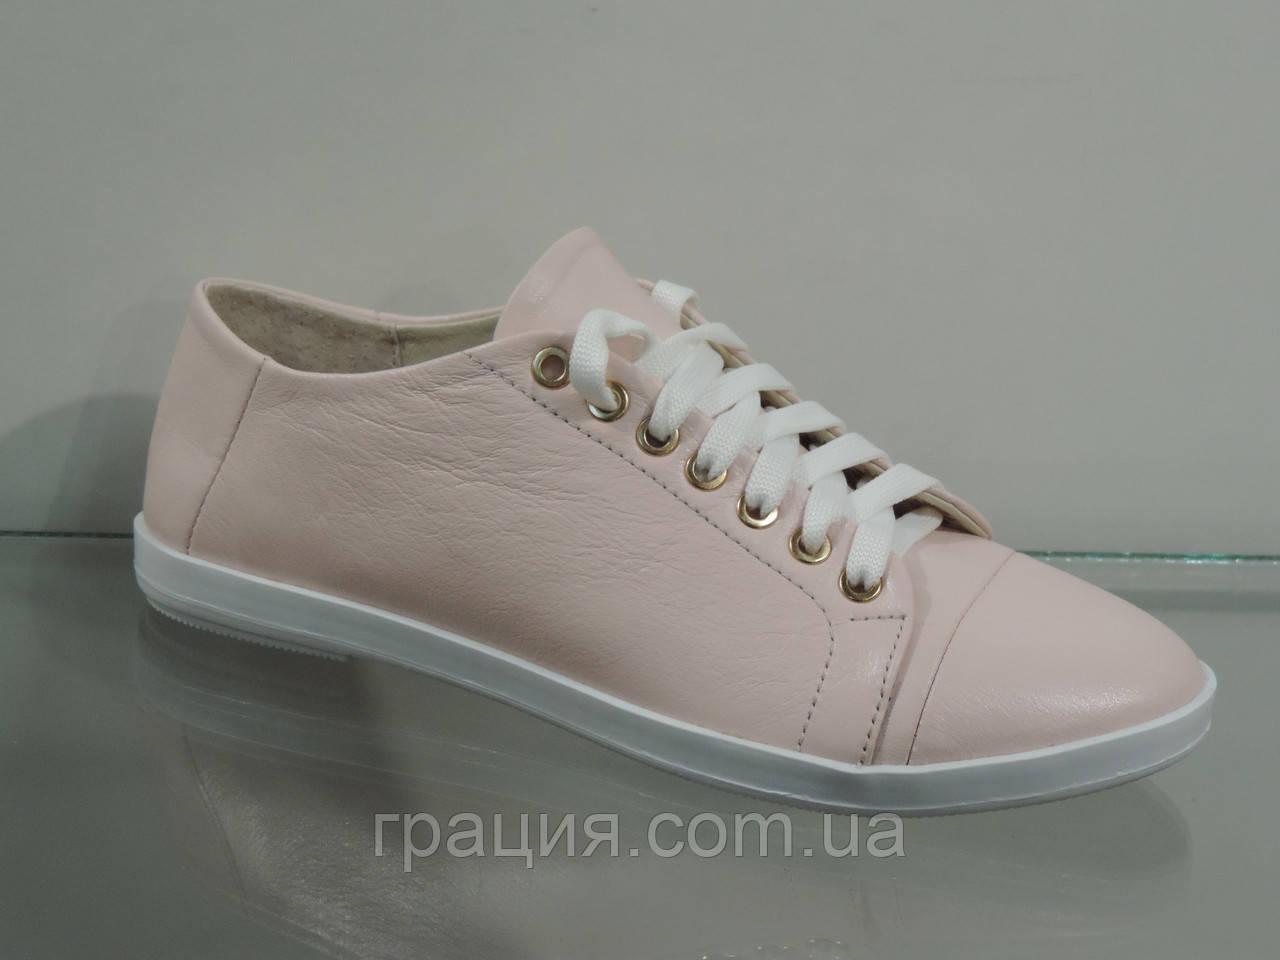 Шкіряні жіночі туфлі на шнурівці колір пудра